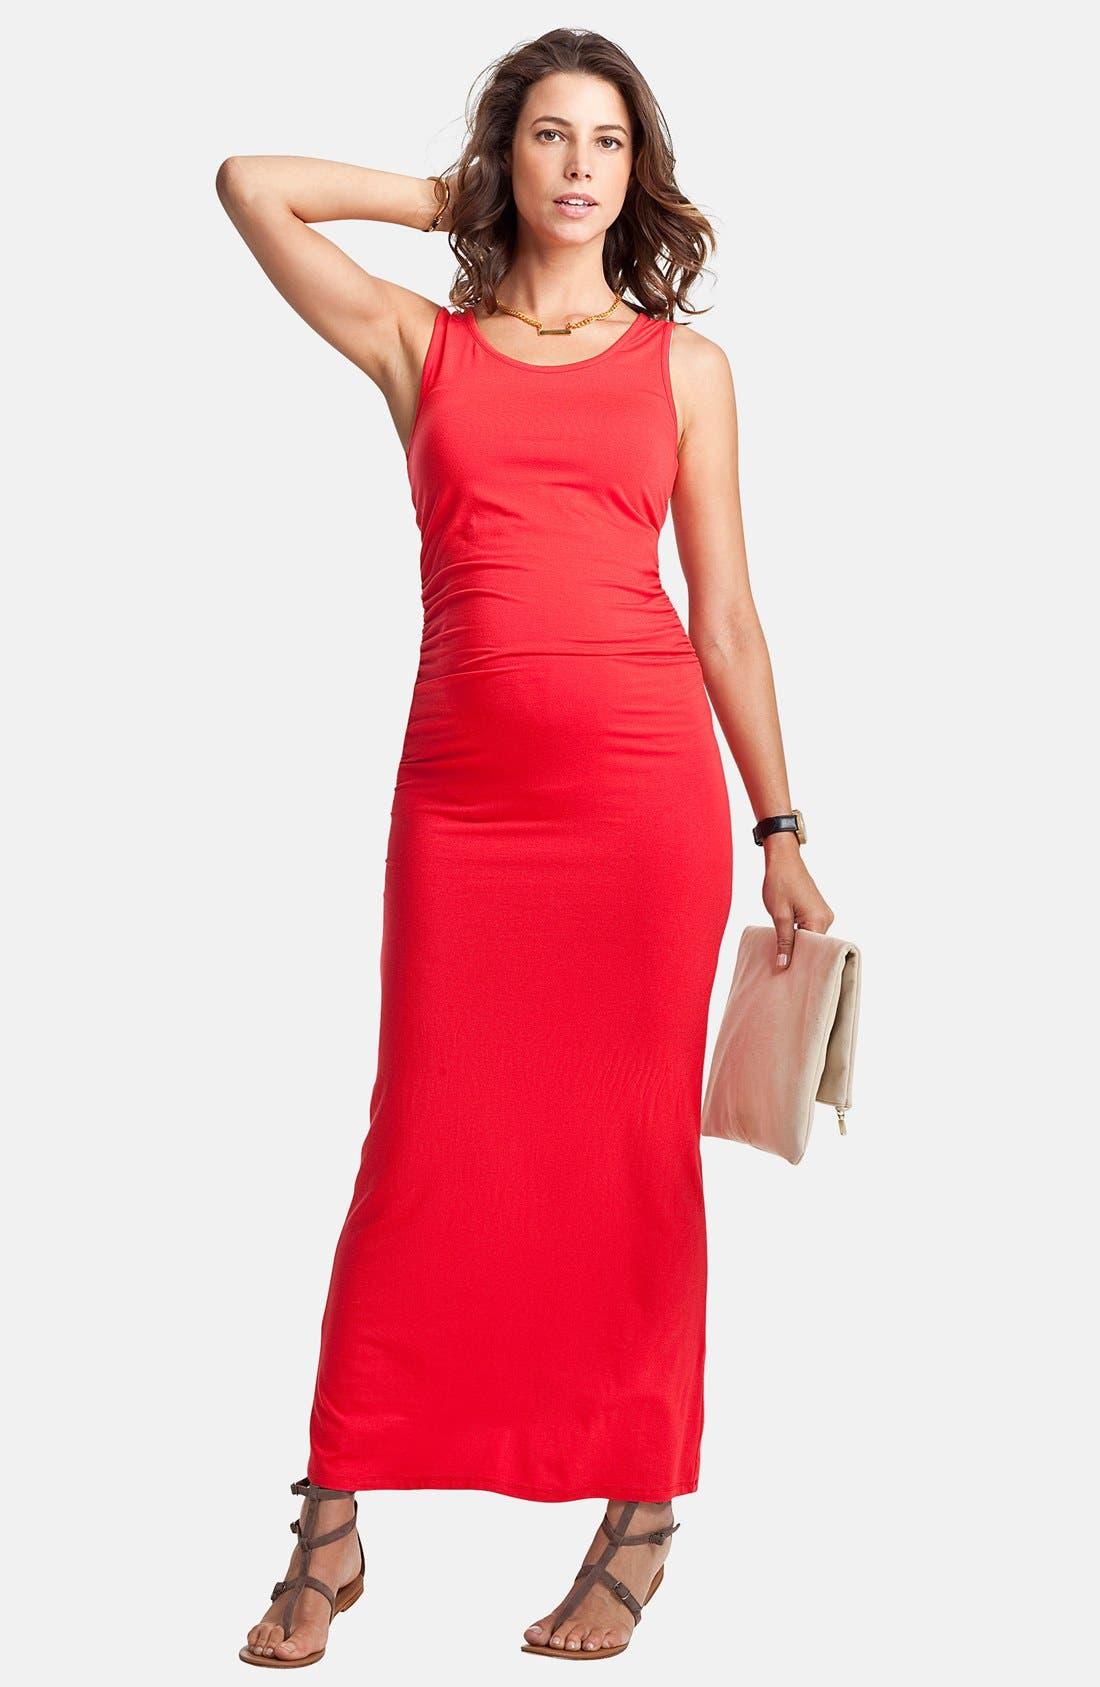 'Lisle' Maternity Maxi Tank Dress,                             Main thumbnail 1, color,                             Bright Coral